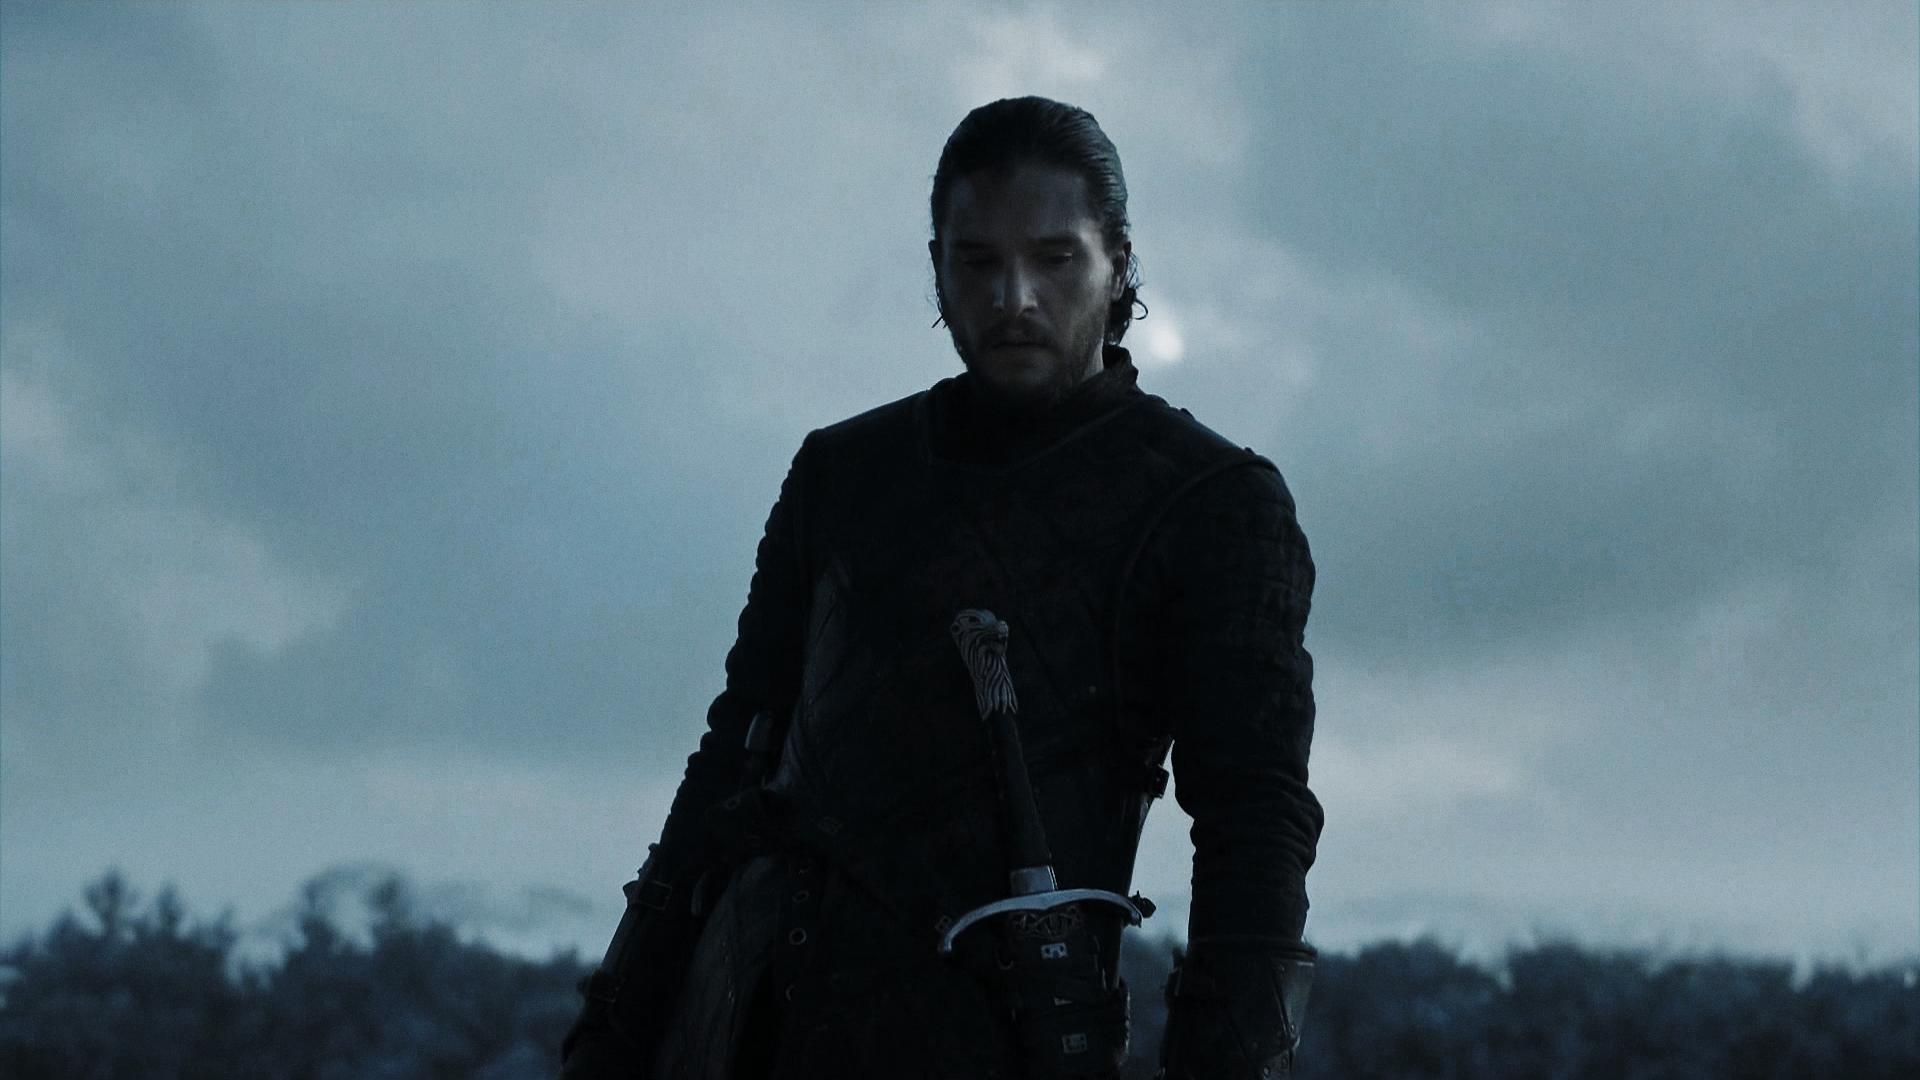 Download Game Of Thrones Jon Snow Wallpaper 1080p For Desktop 1920x1080